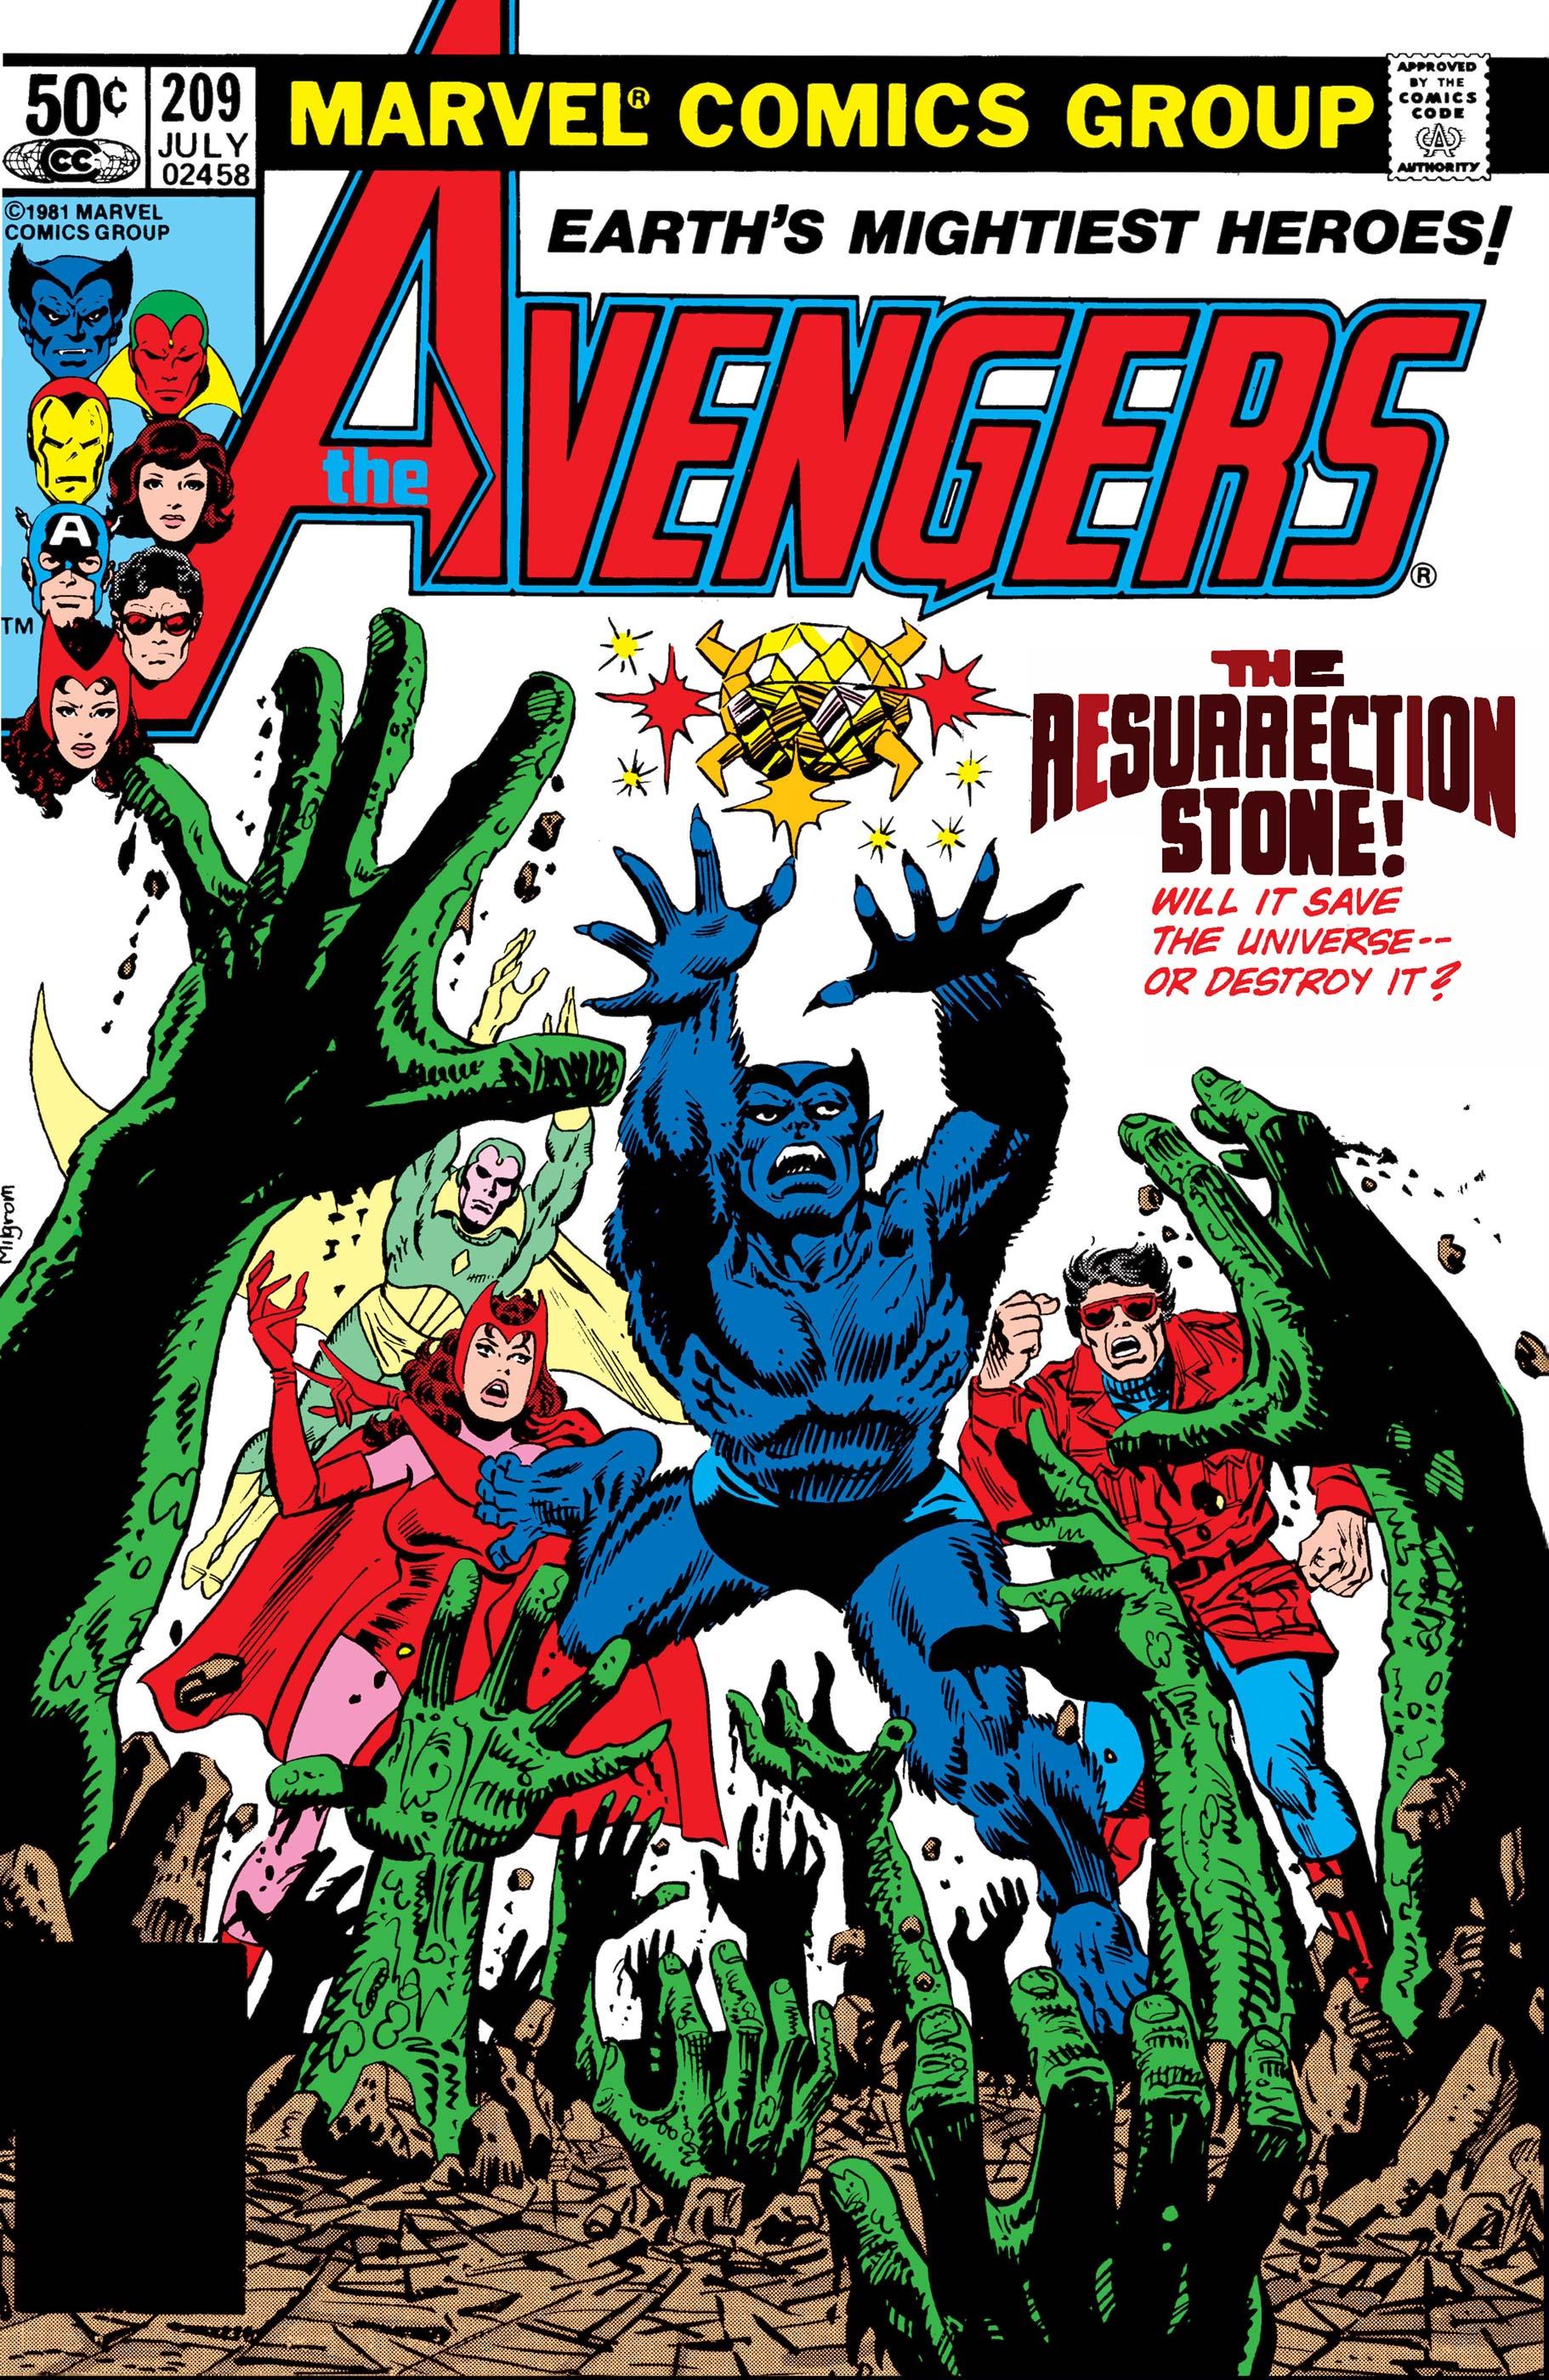 Avengers (1963) #209